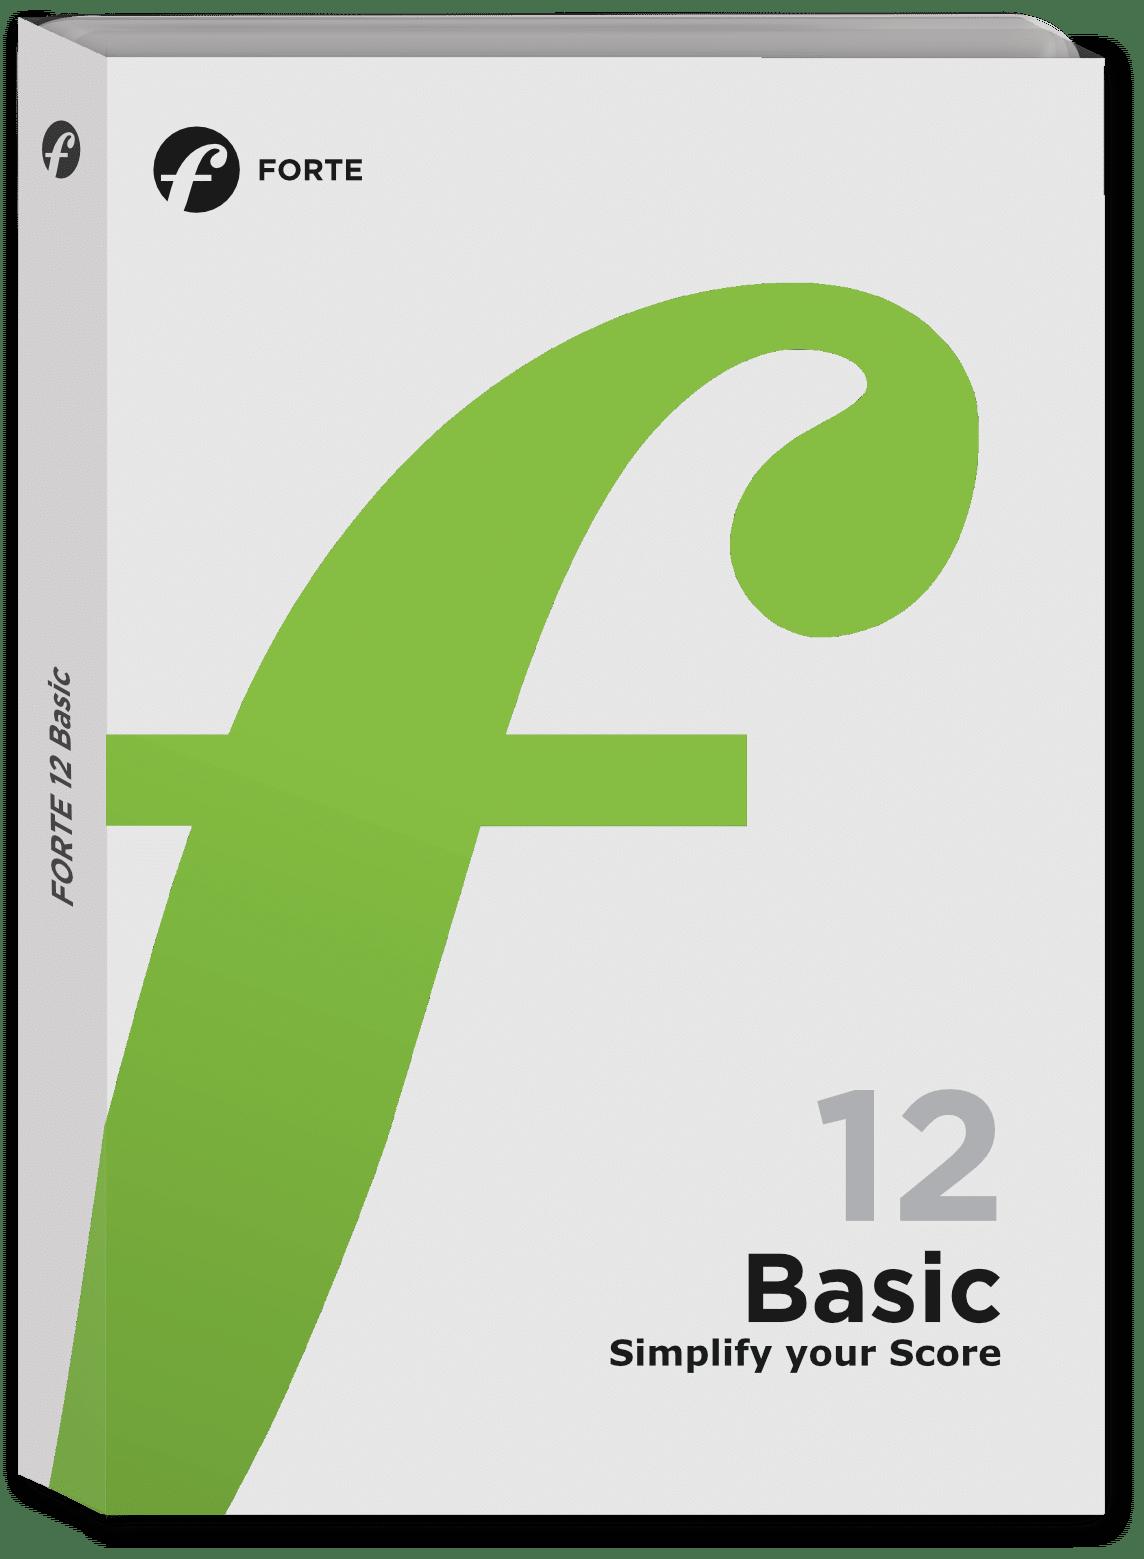 FORTE 12 Basic